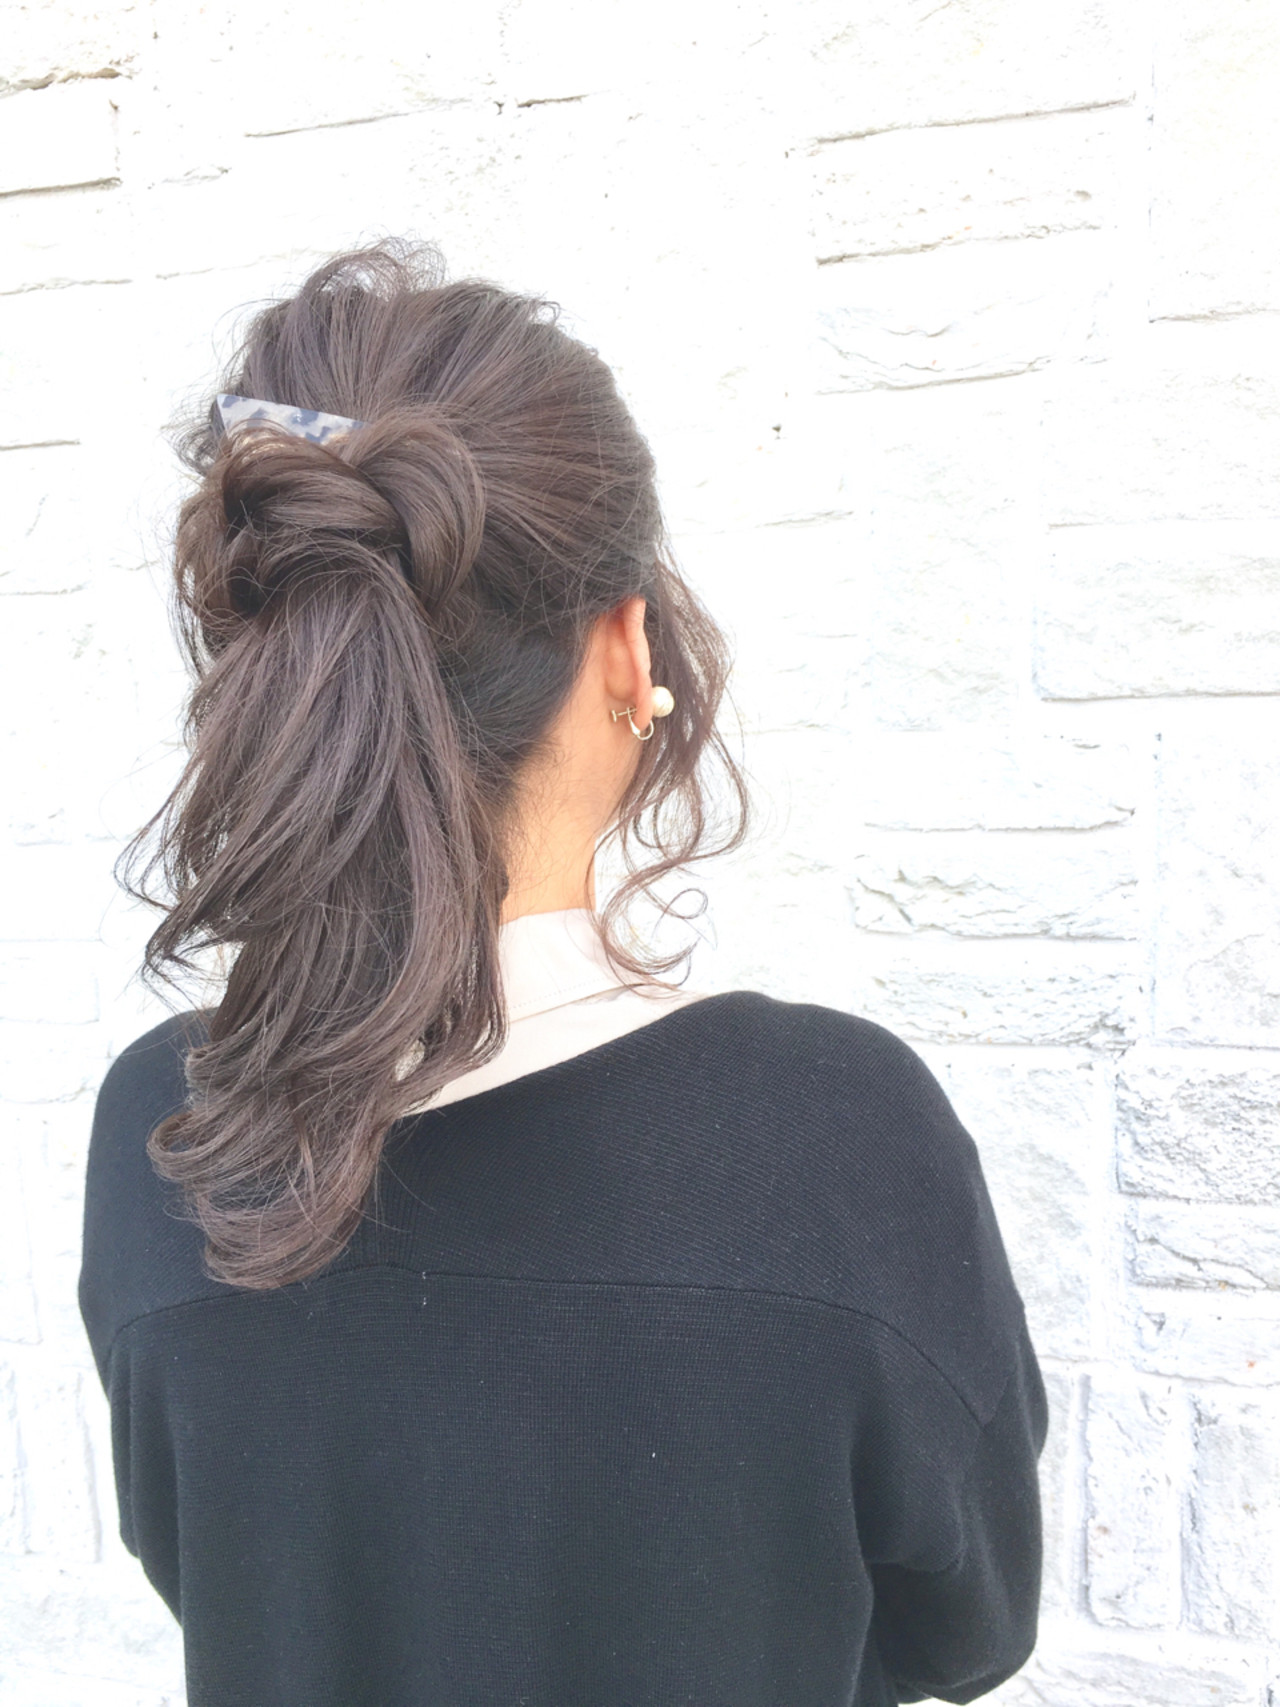 アッシュ ポニーテール 大人女子 セミロング ヘアスタイルや髪型の写真・画像